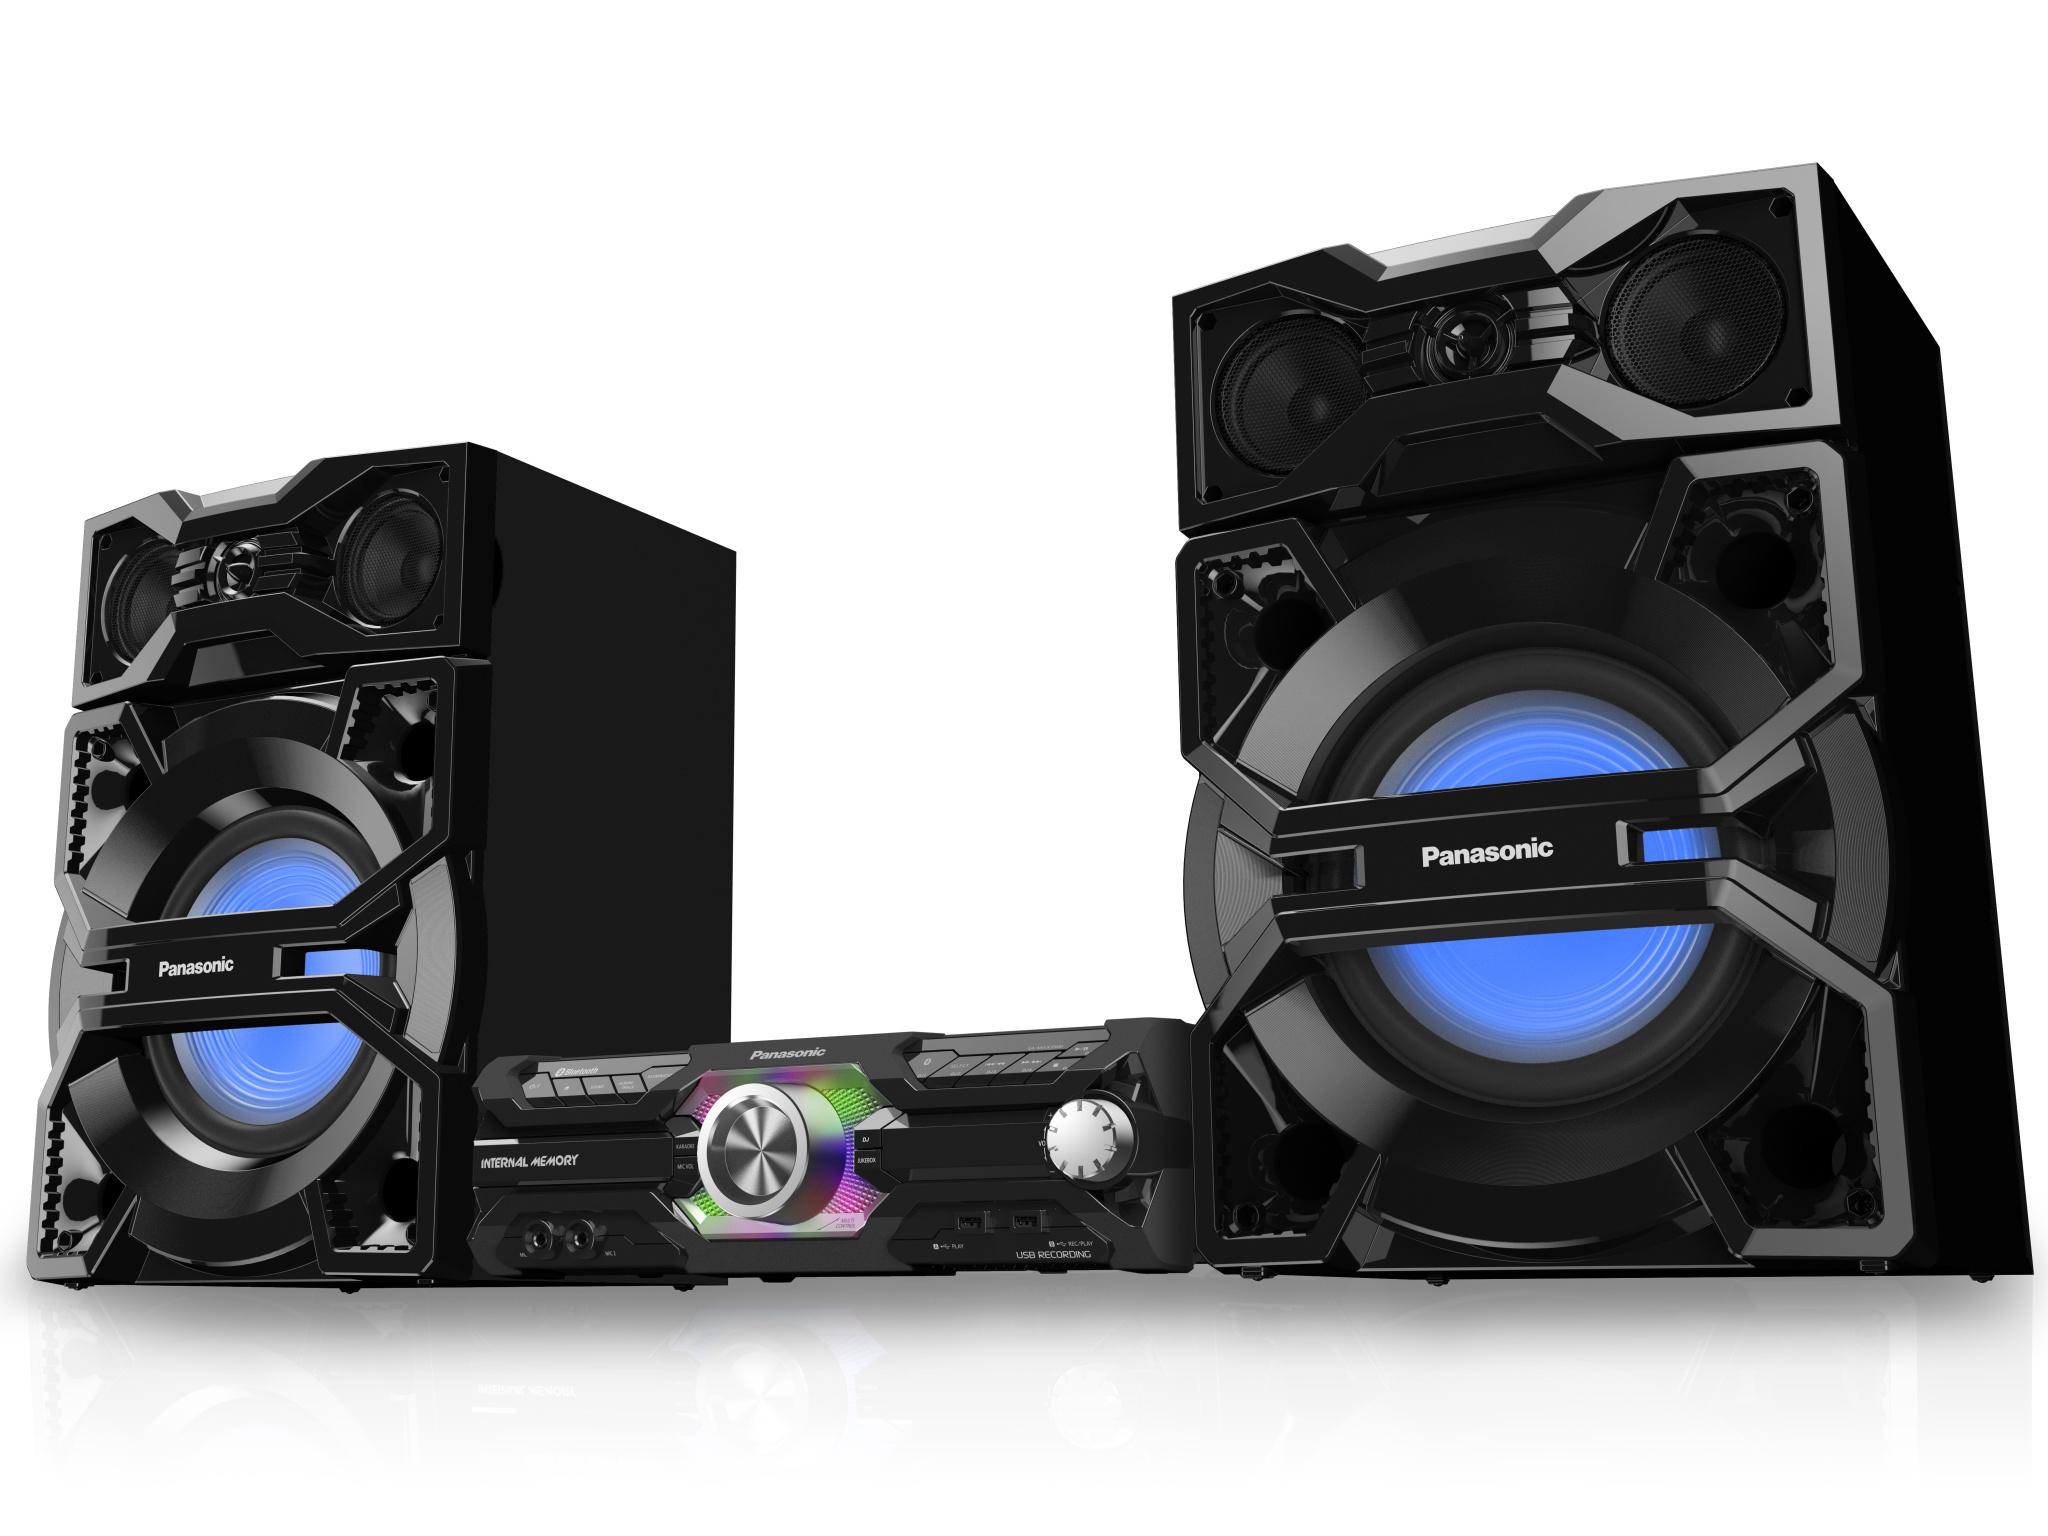 Noile sisteme audio Panasonic oferă experienţe muzicale perfect adaptate oricărui stil de viaţă